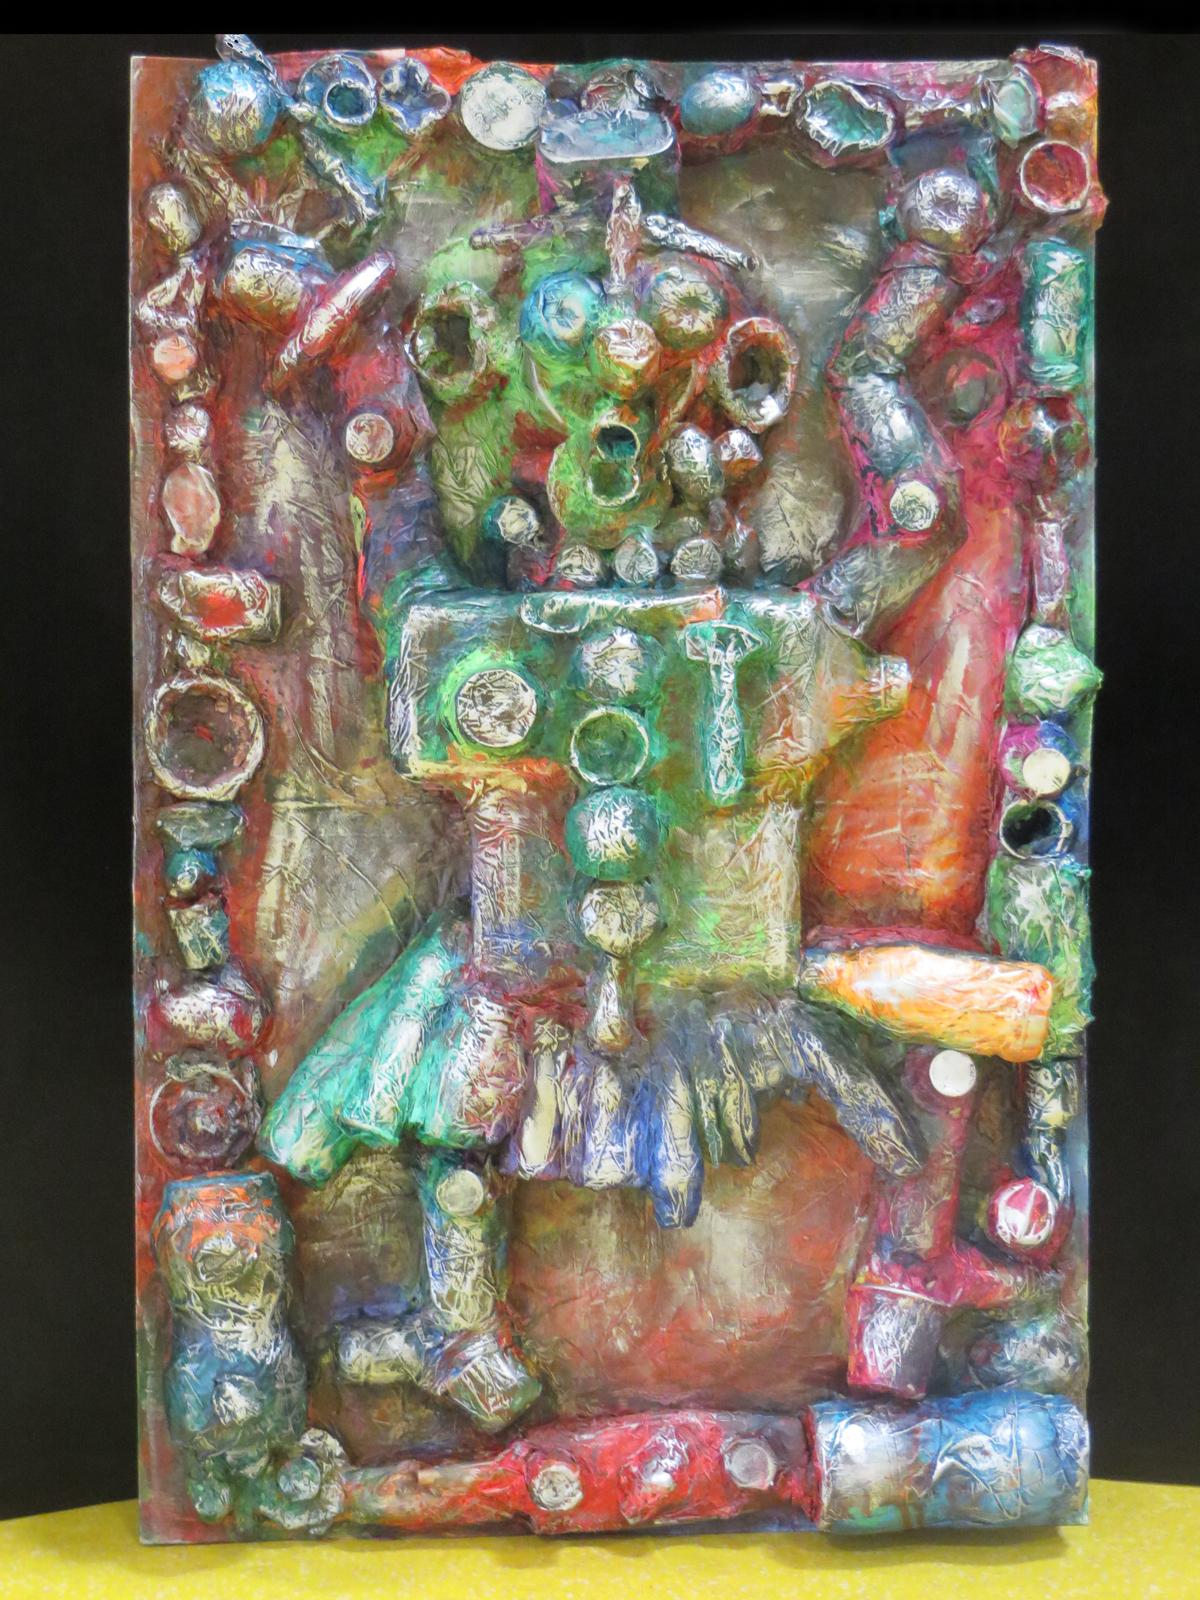 Très Réalisation avec des objets de récupération - Atelier art plastique WC92